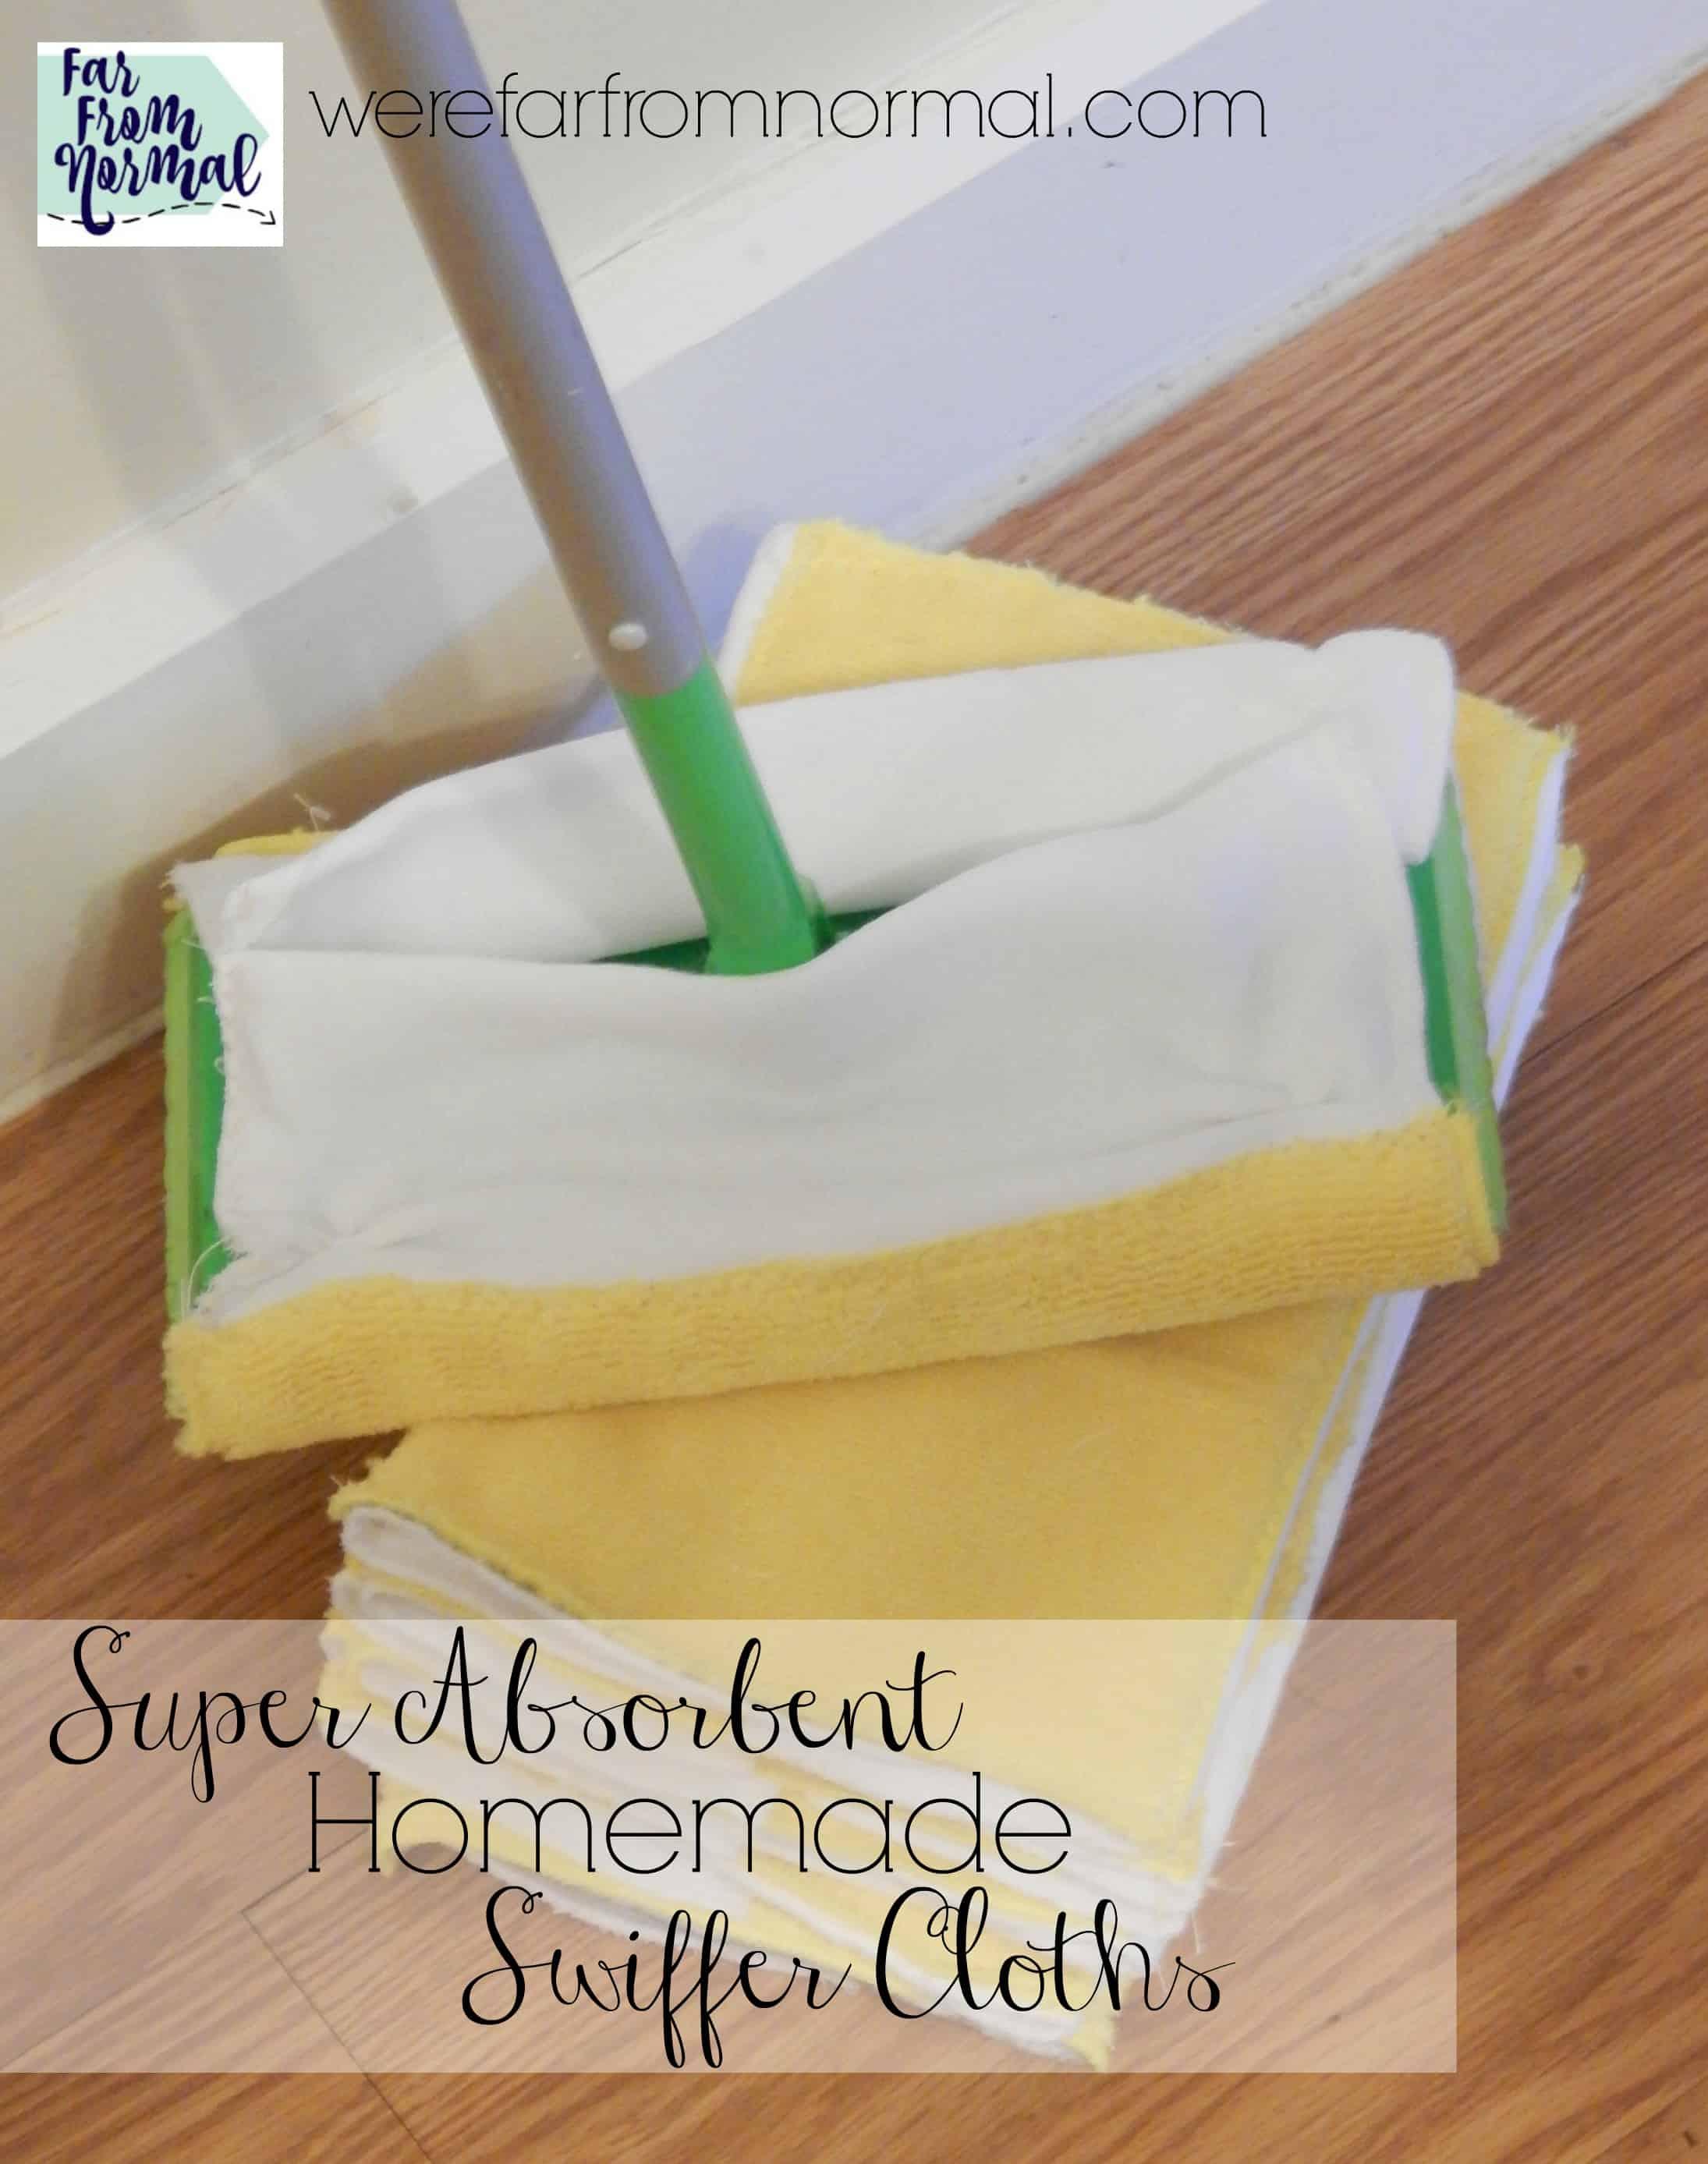 Super Absorbent Homemade Swiffer Cloths